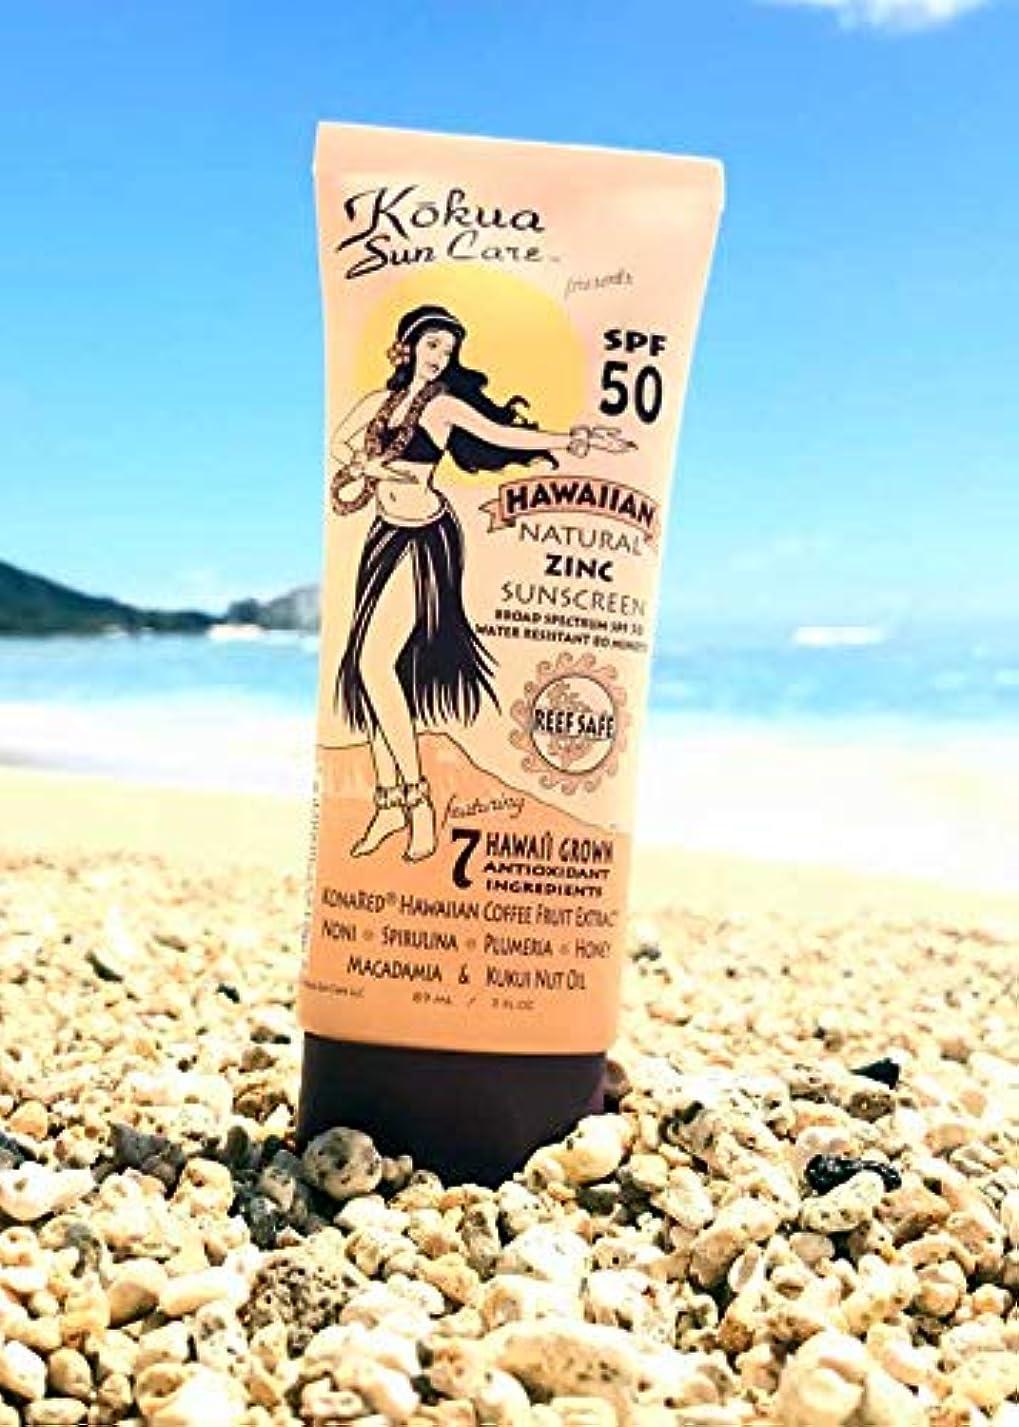 結婚したボイドクラッシュコクア サン ケア Kokua Sun Care 日焼け止め サンスクリーン オーガニック Natural Sunscreen SPF 50 89ml 3FL OZ